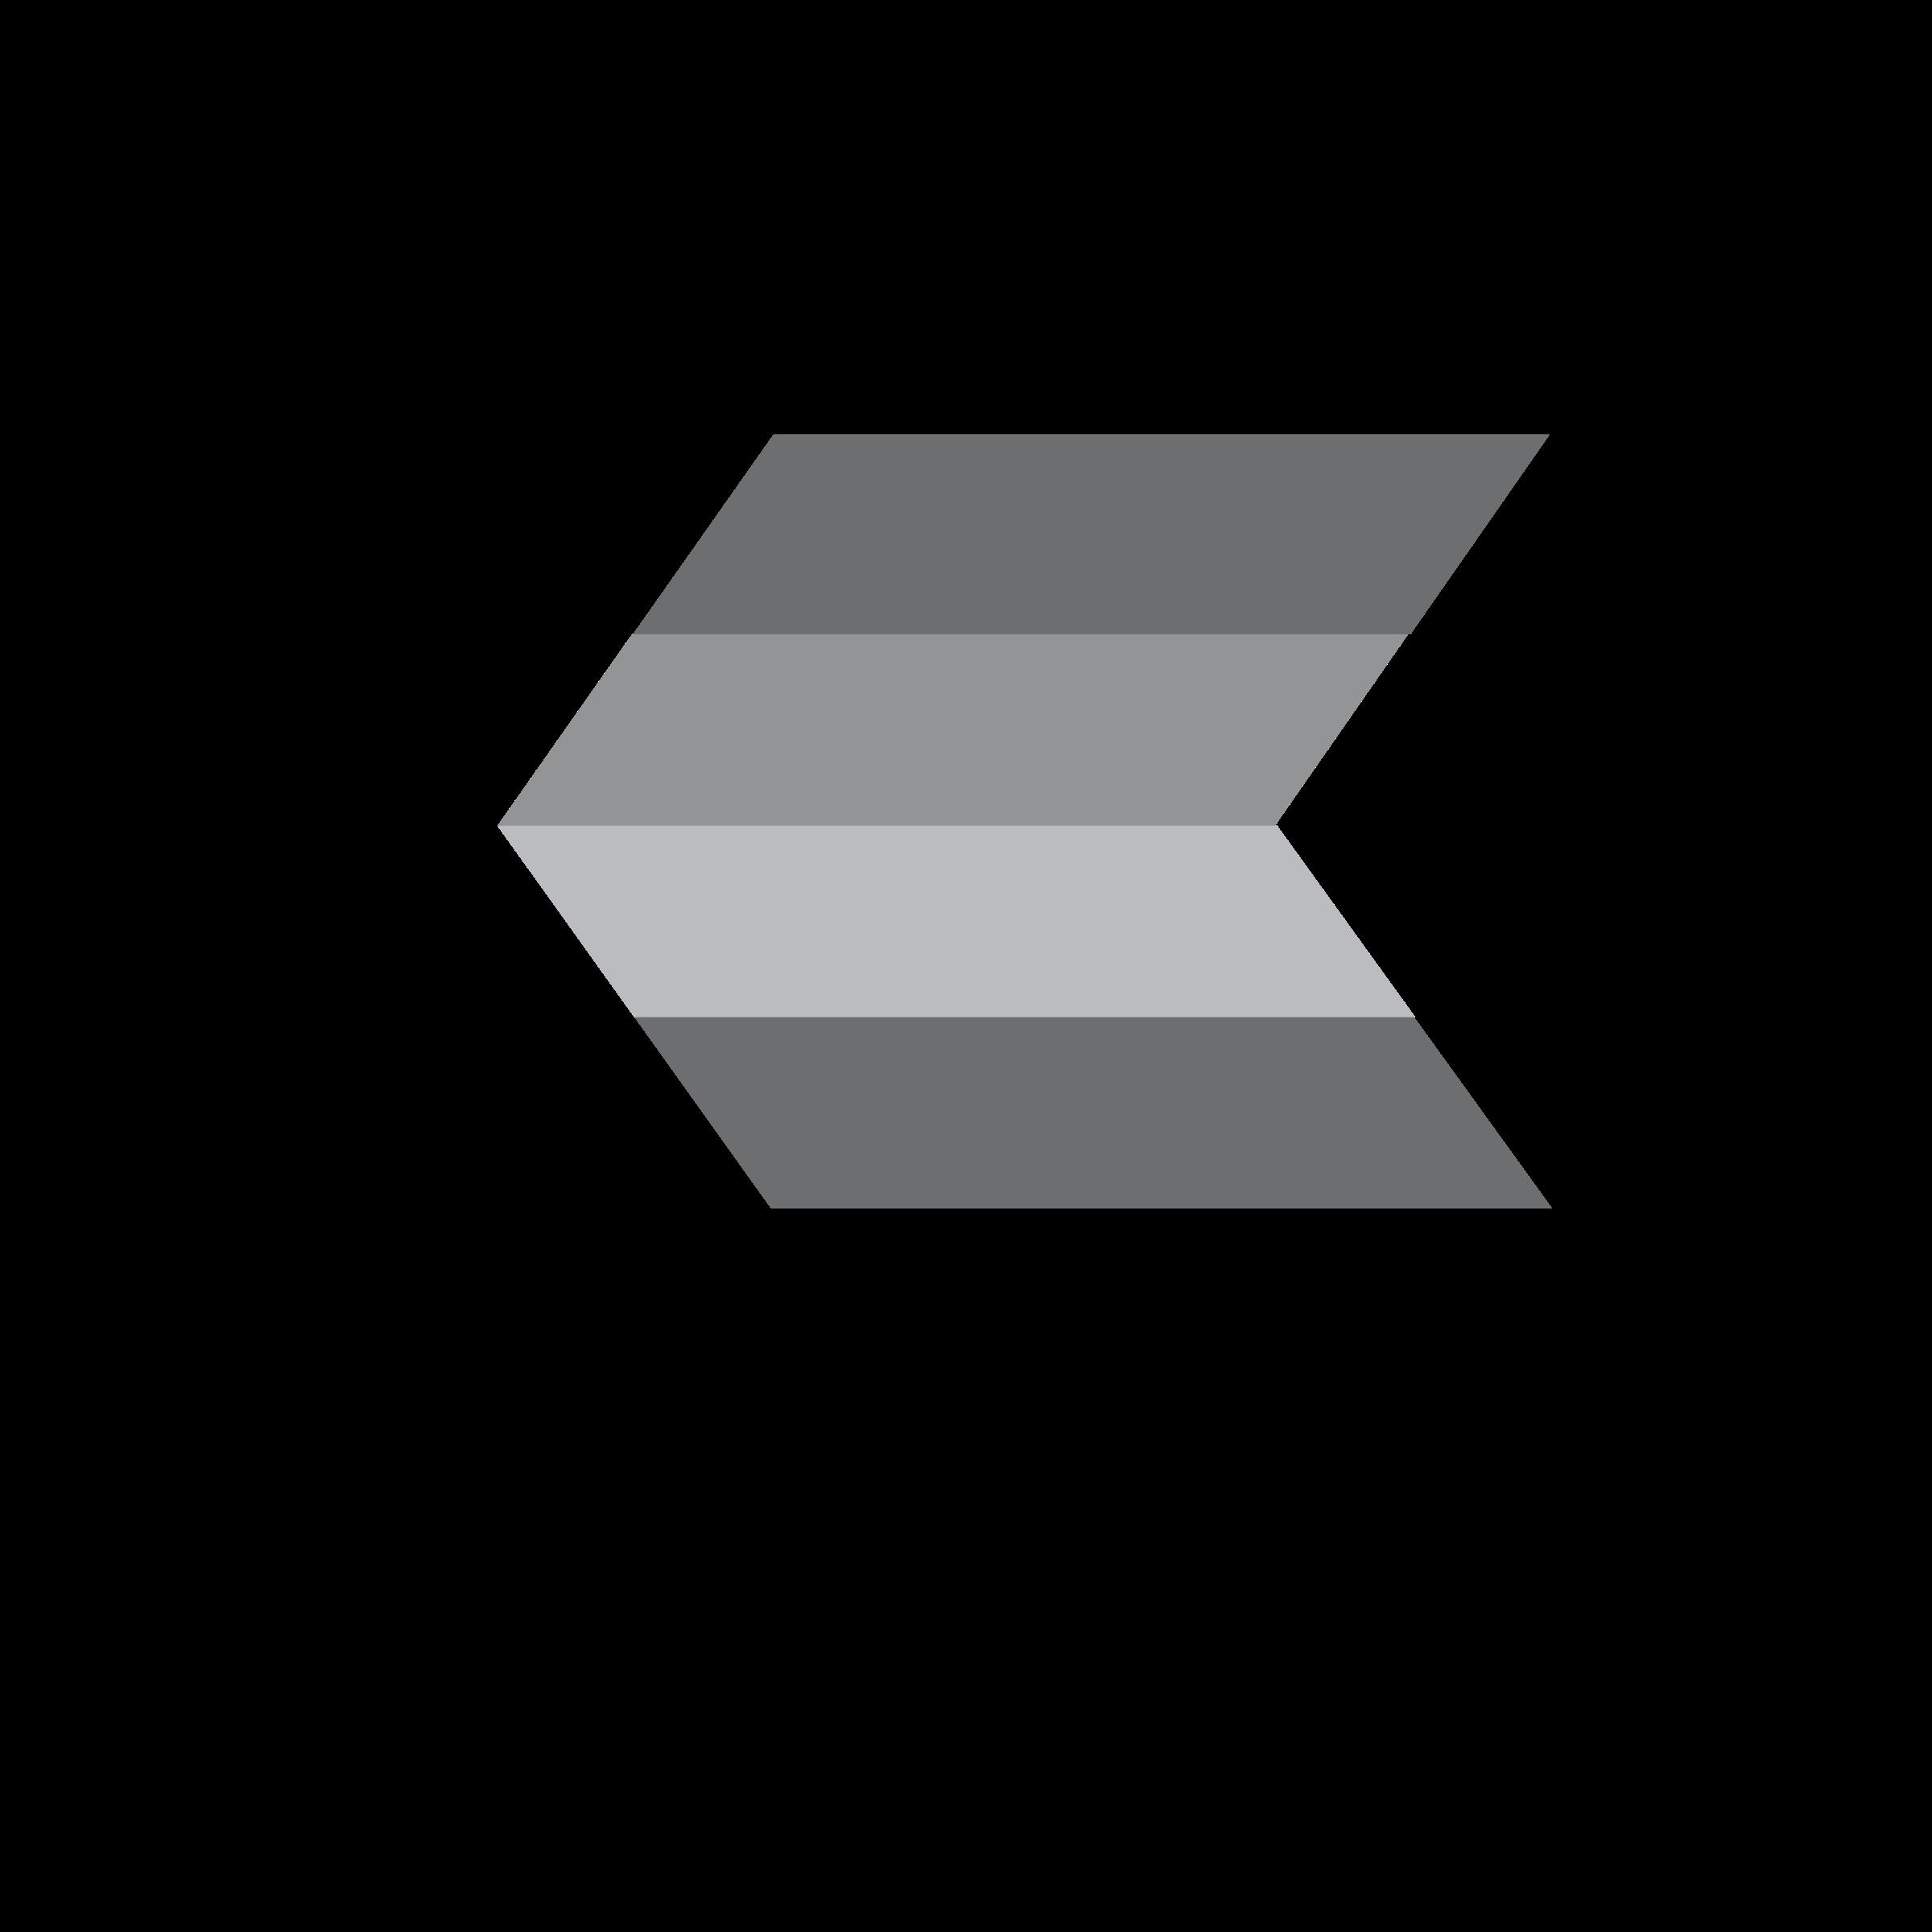 kettler-1-logo-png-transparent.png